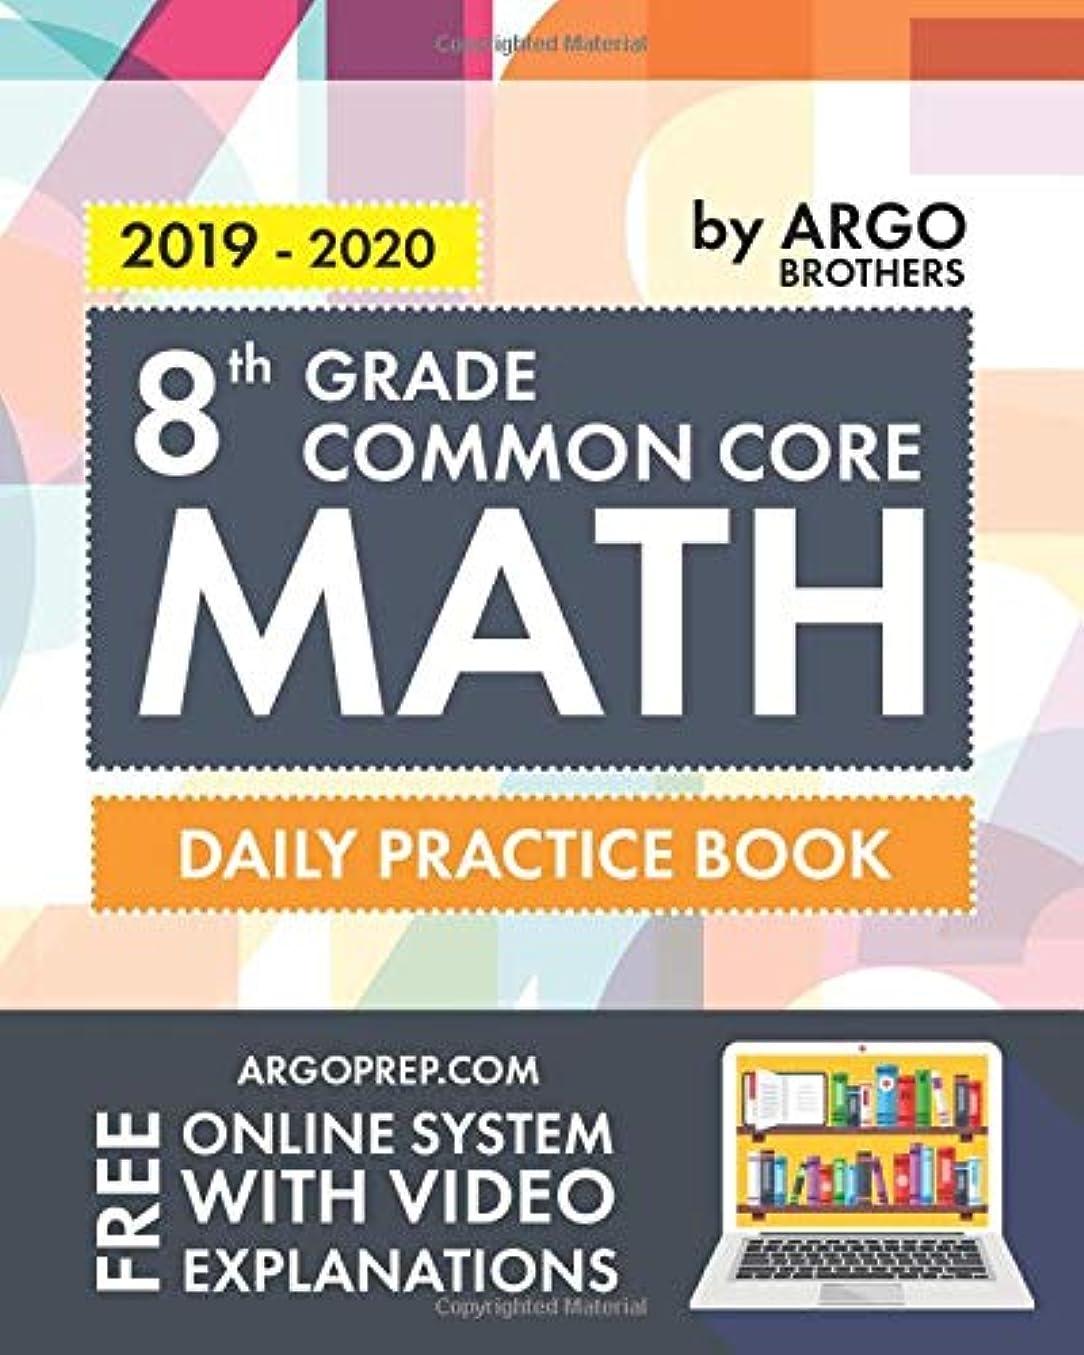 子音暗唱するセグメント8th Grade Common Core Math: Daily Practice Workbook  | 1000+ Practice Questions and Video Explanations | Argo Brothers